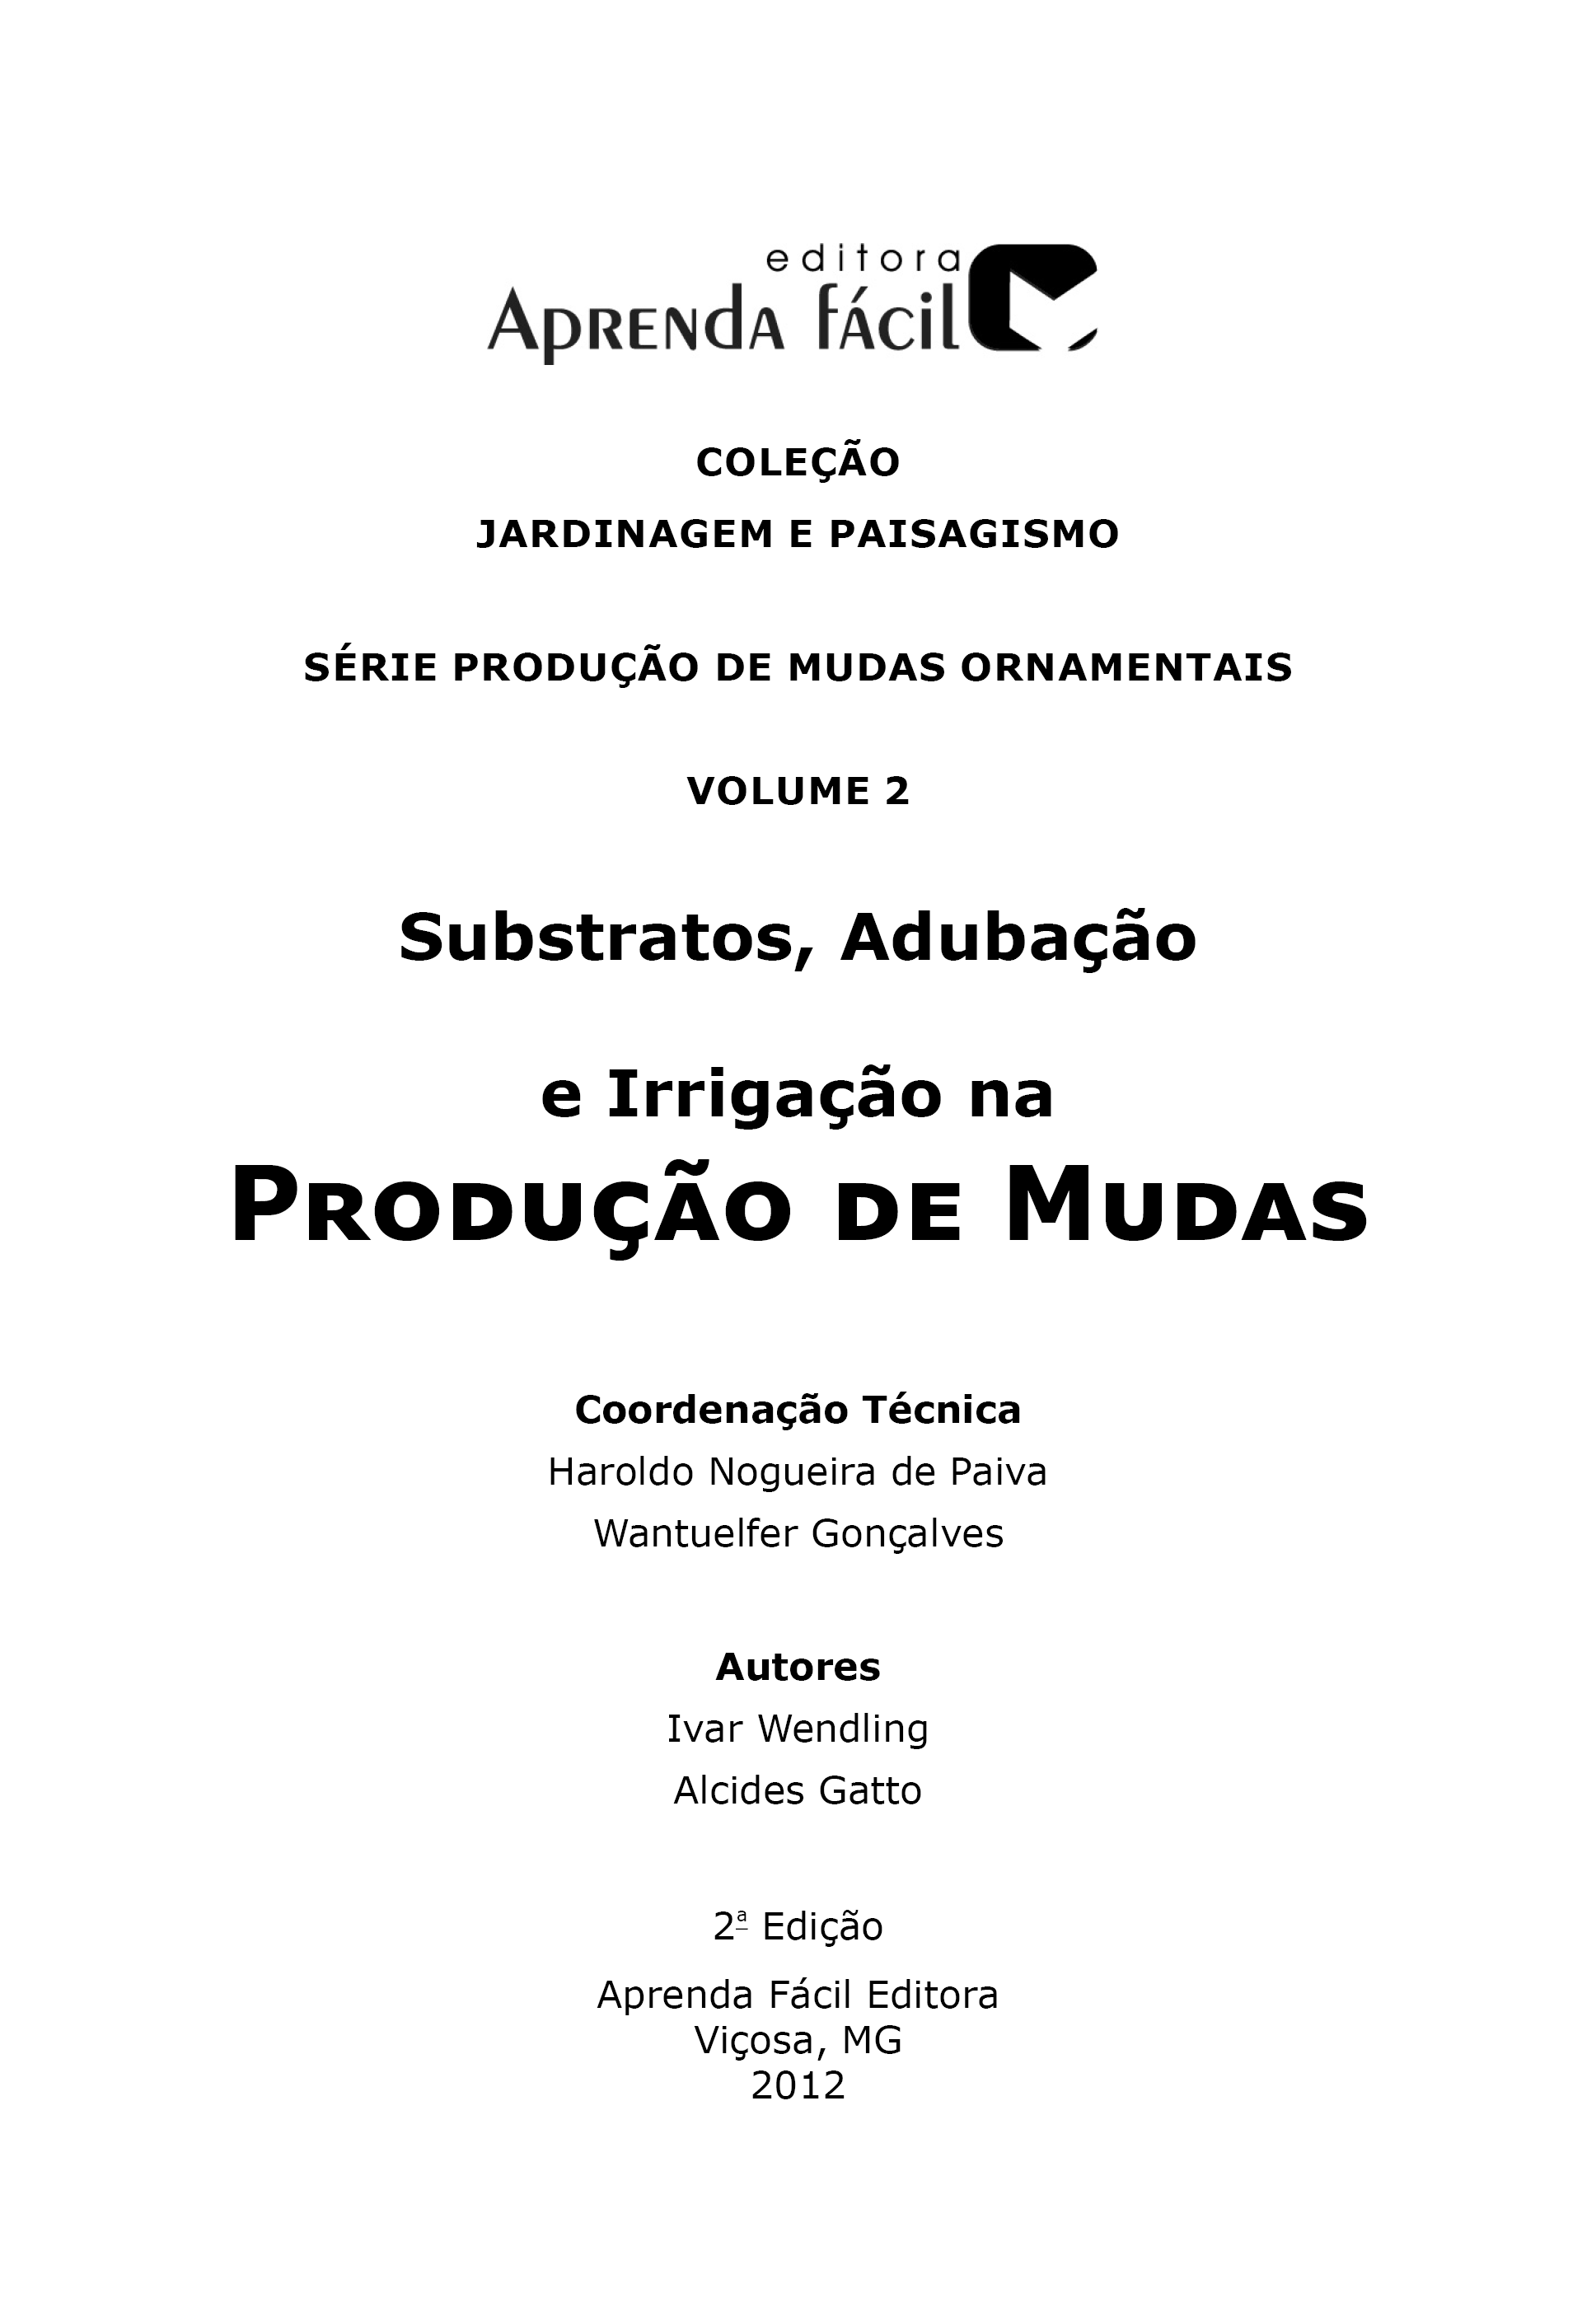 Substrato, Adubação e Irrigação na Produção de Mudas